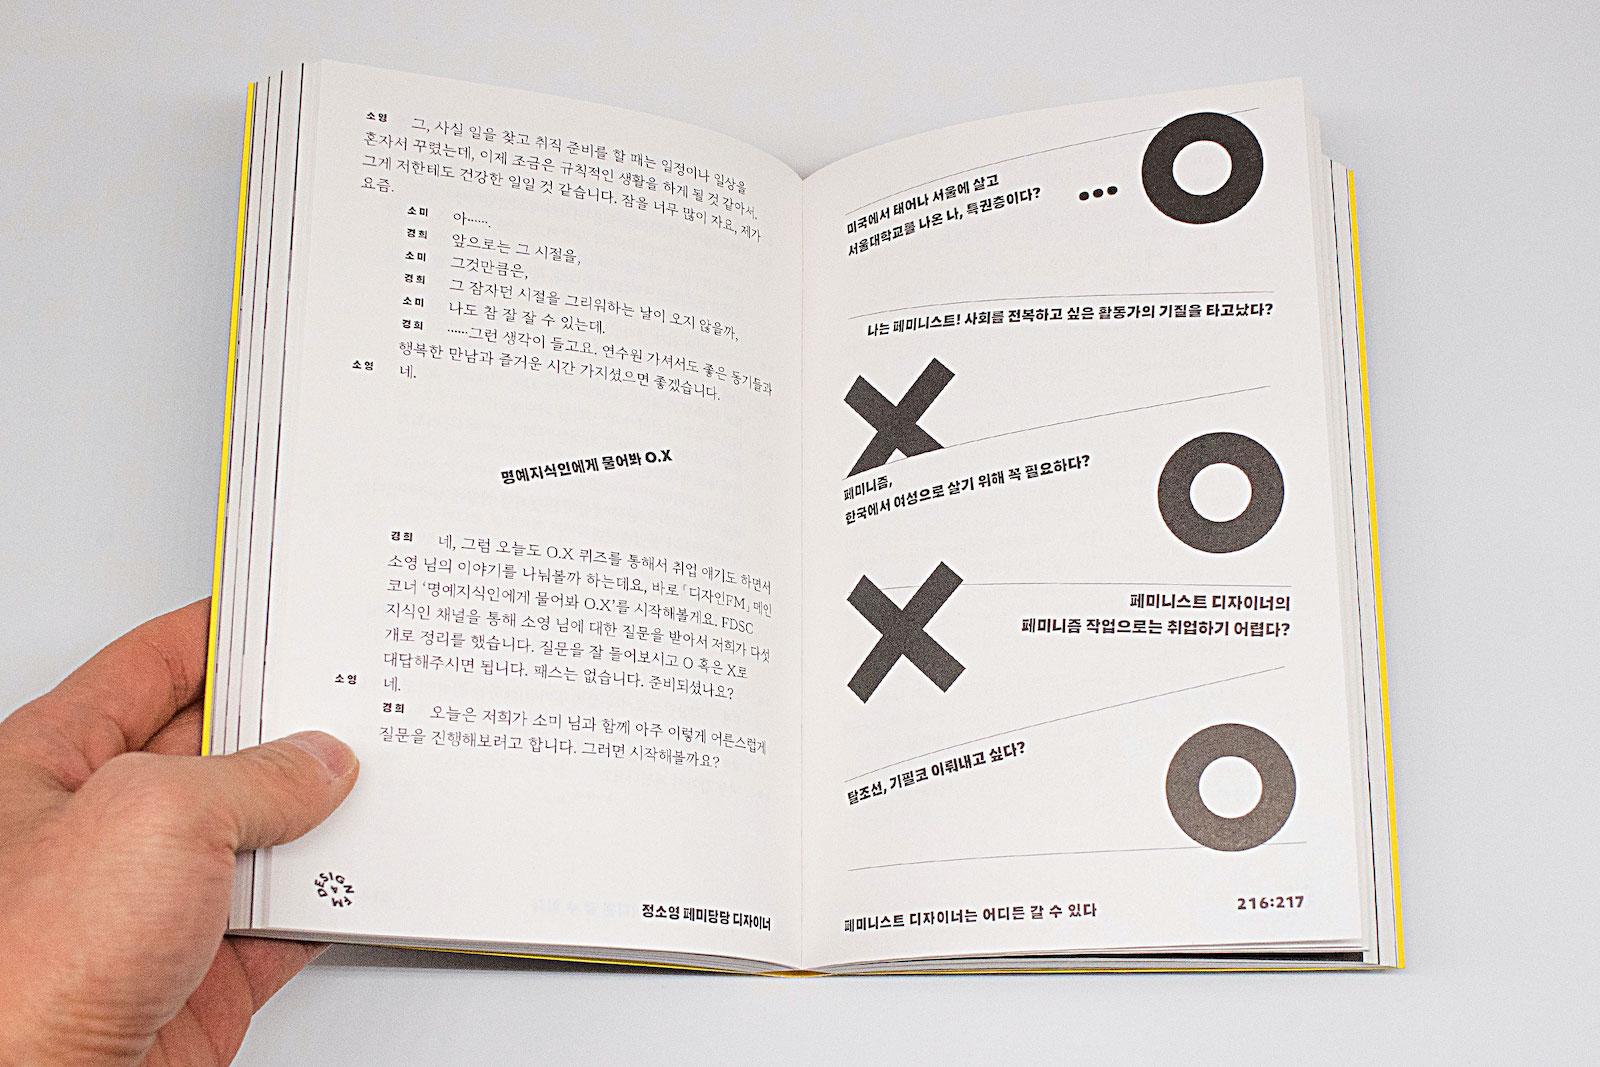 ゲストのデザイナーに質問をして〇×で答えてもらうコーナーのページ